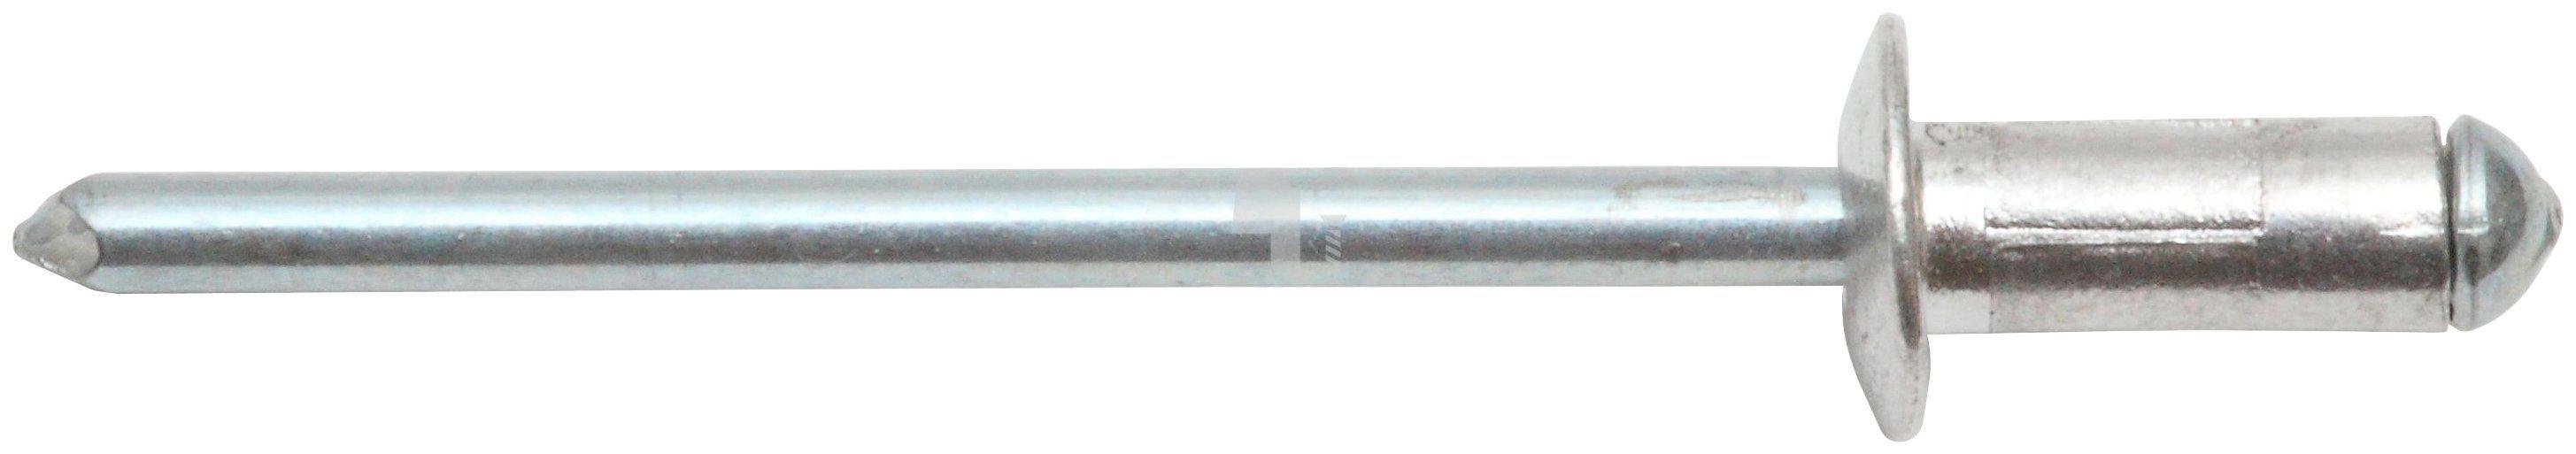 RAMSES Blindnieten , 3,2 x 8 mm Alu/Stahl 500 Stück